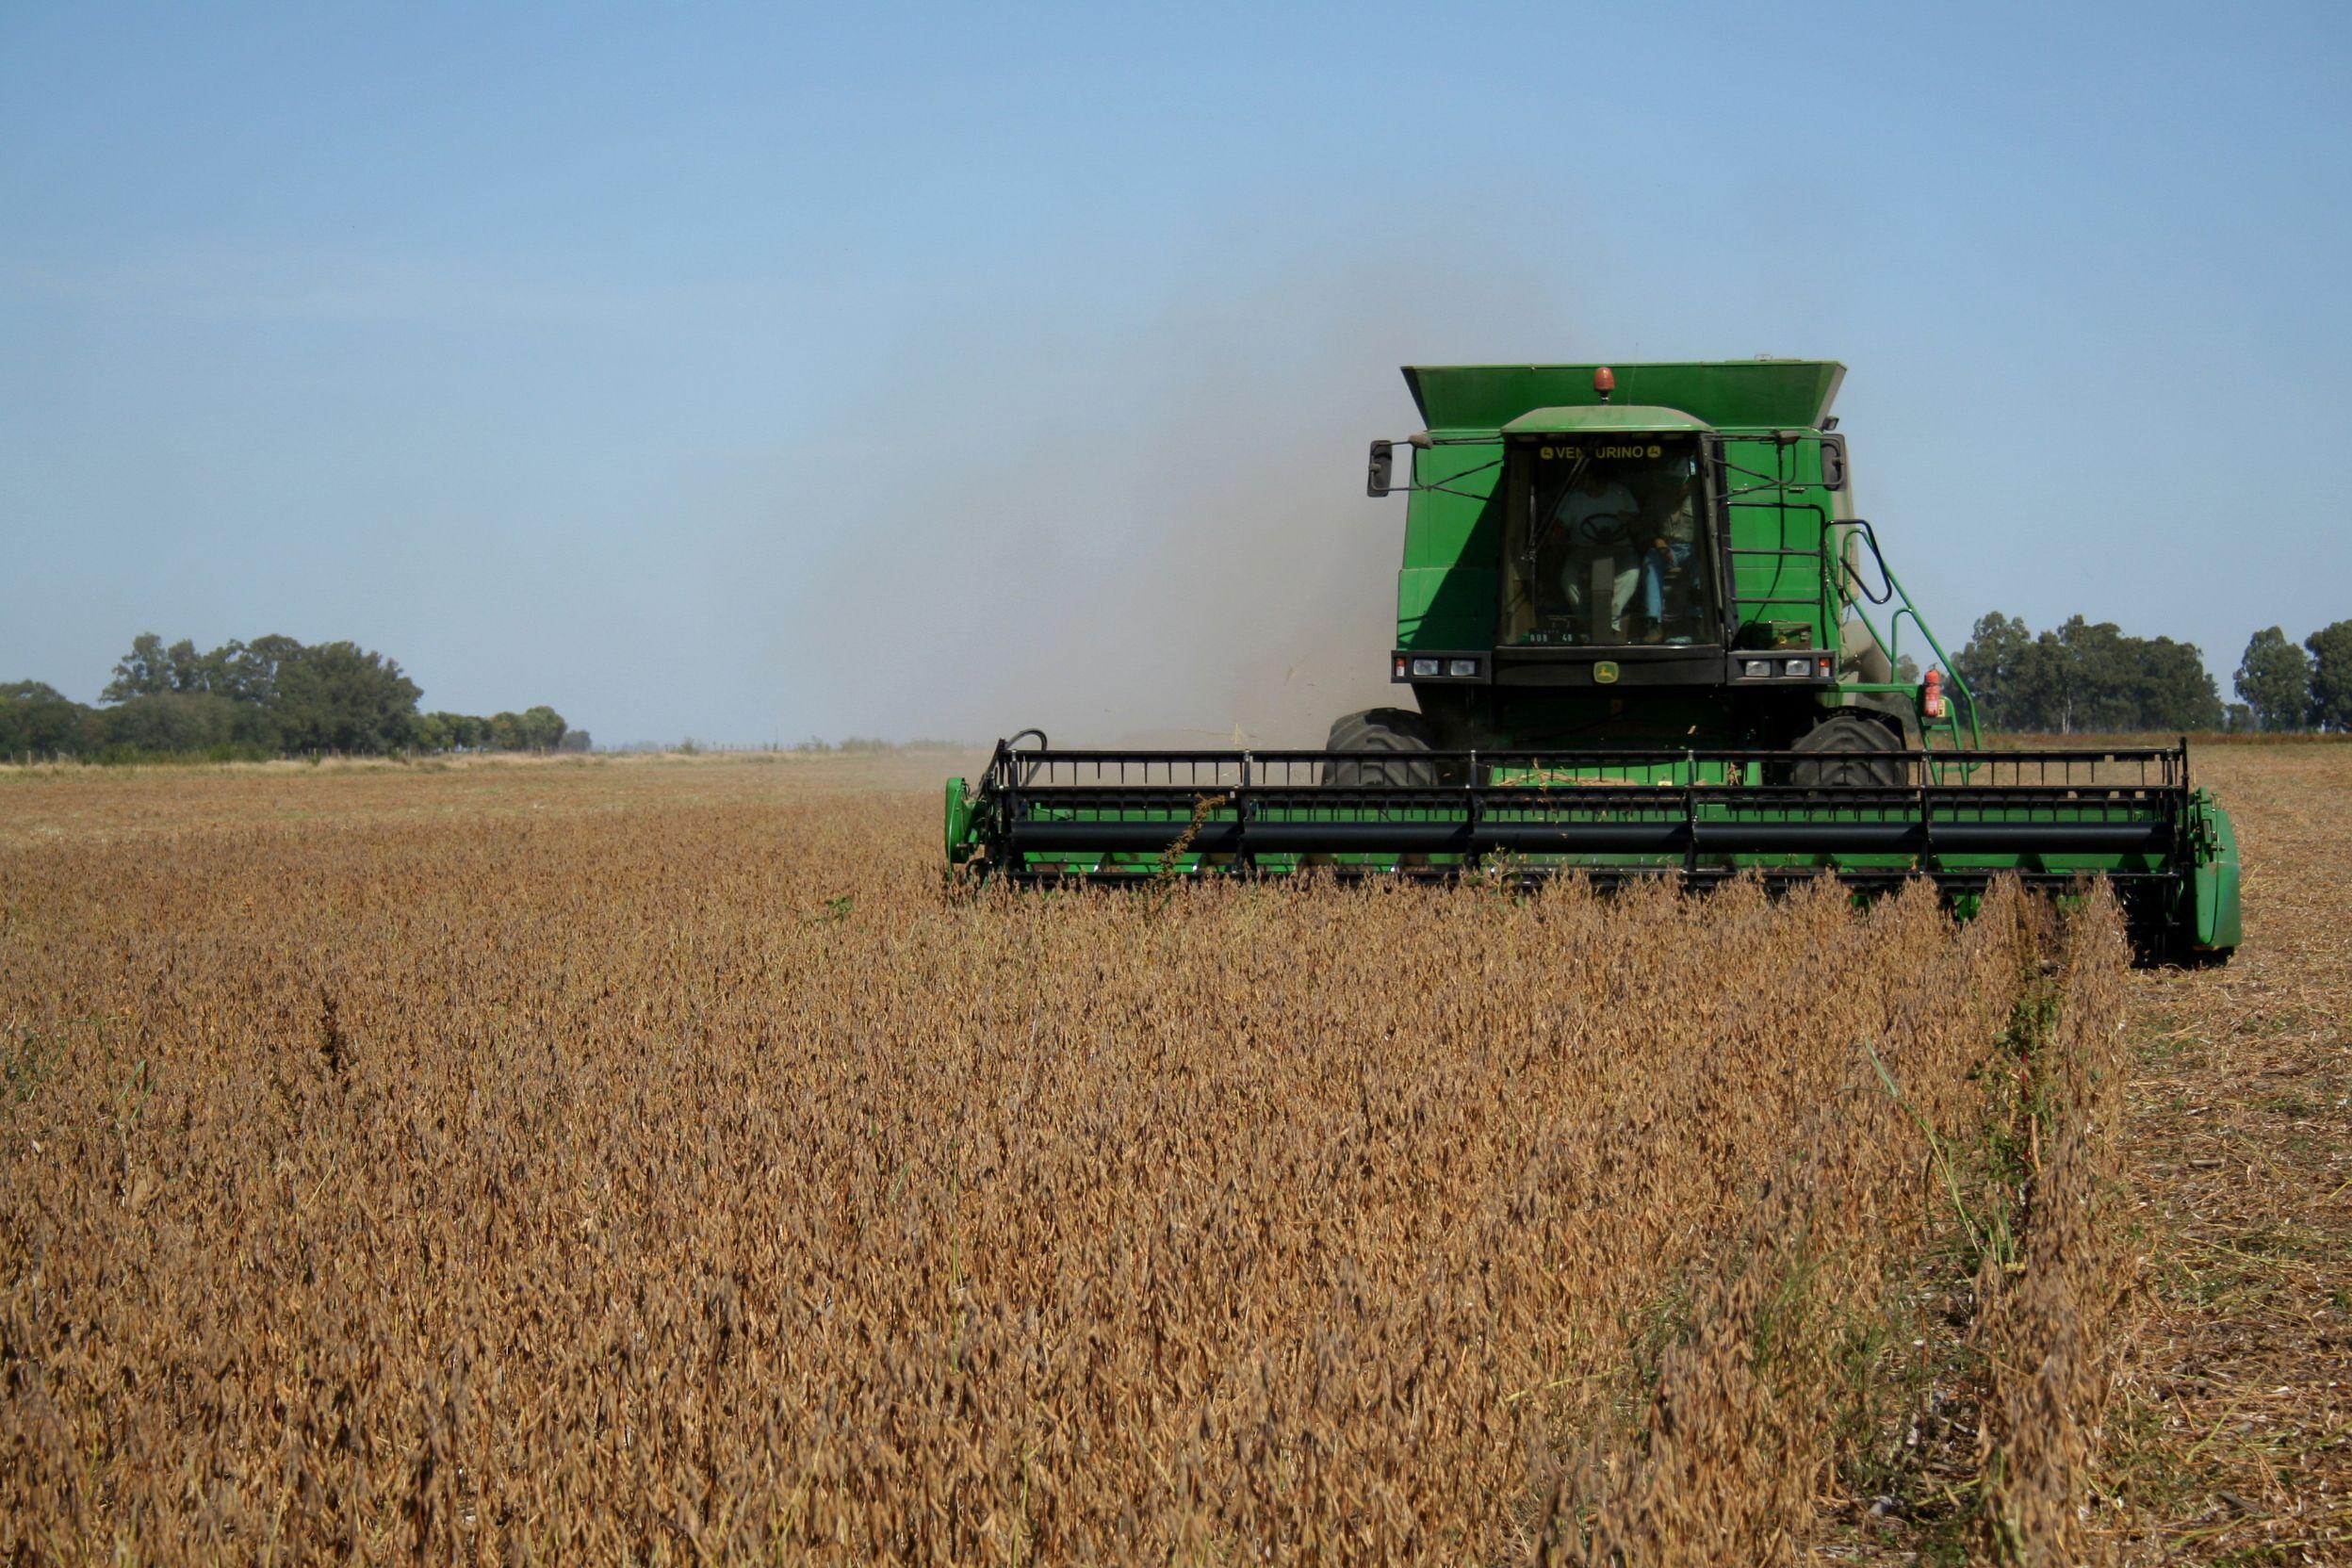 Agro. La agroindustria fue el sector que presentó mayor crecimiento. (Paulina Scheitlin)